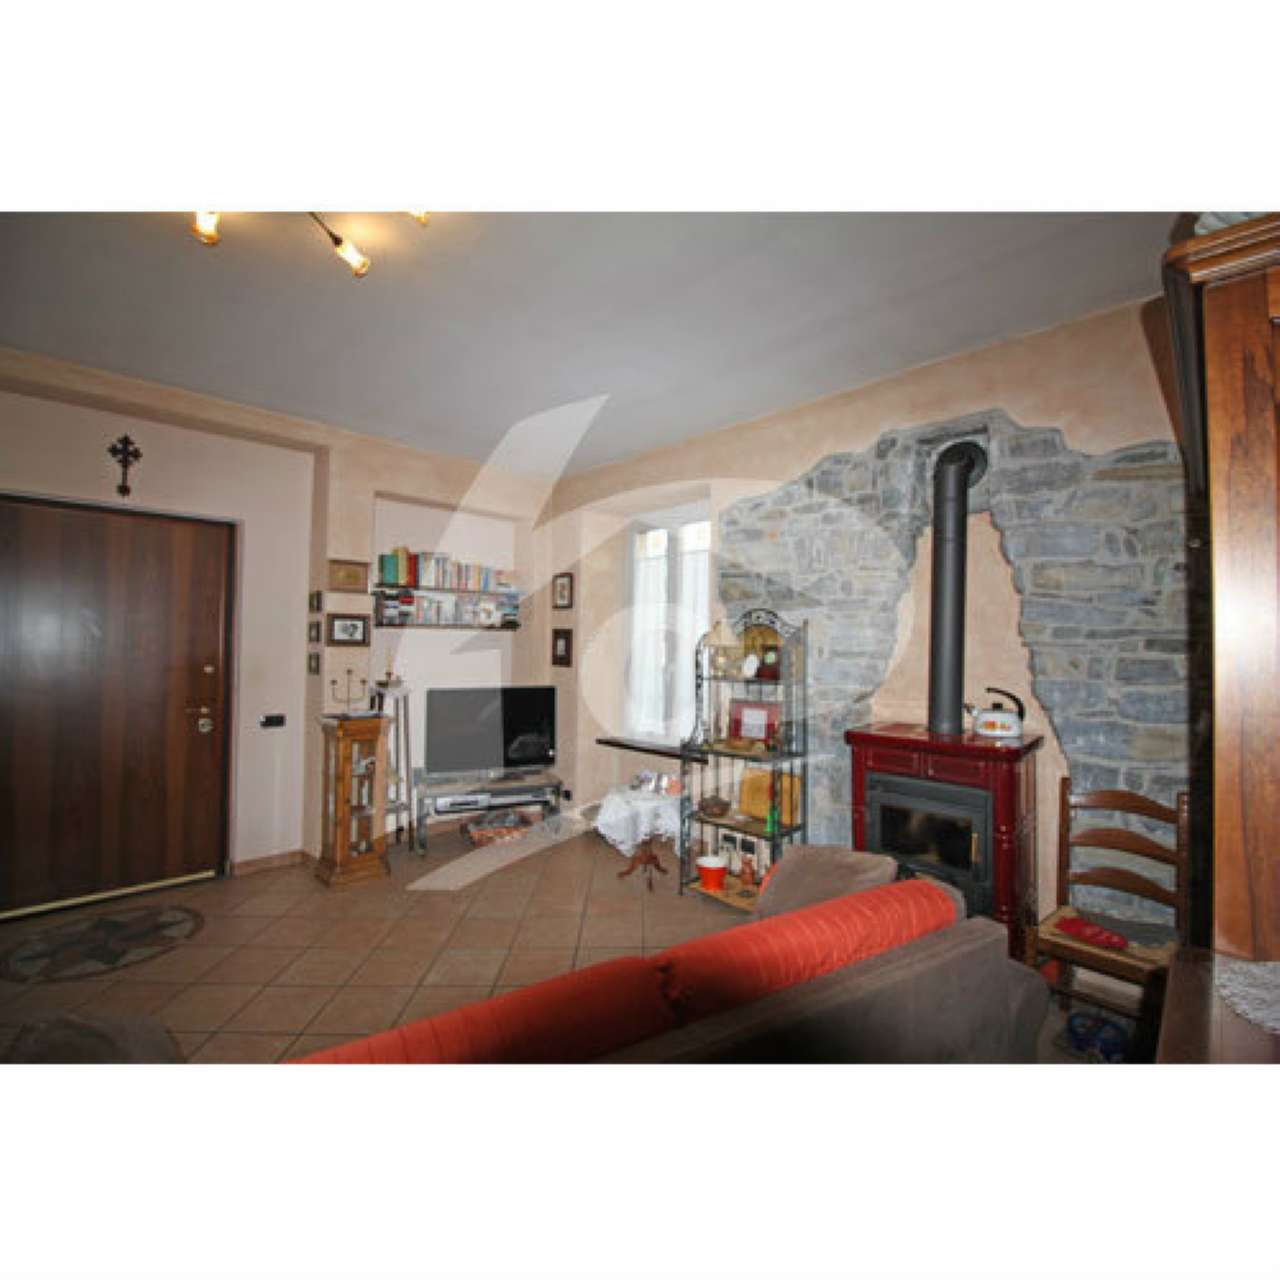 Appartamento in vendita a Laveno-Mombello, 3 locali, prezzo € 175.000 | PortaleAgenzieImmobiliari.it